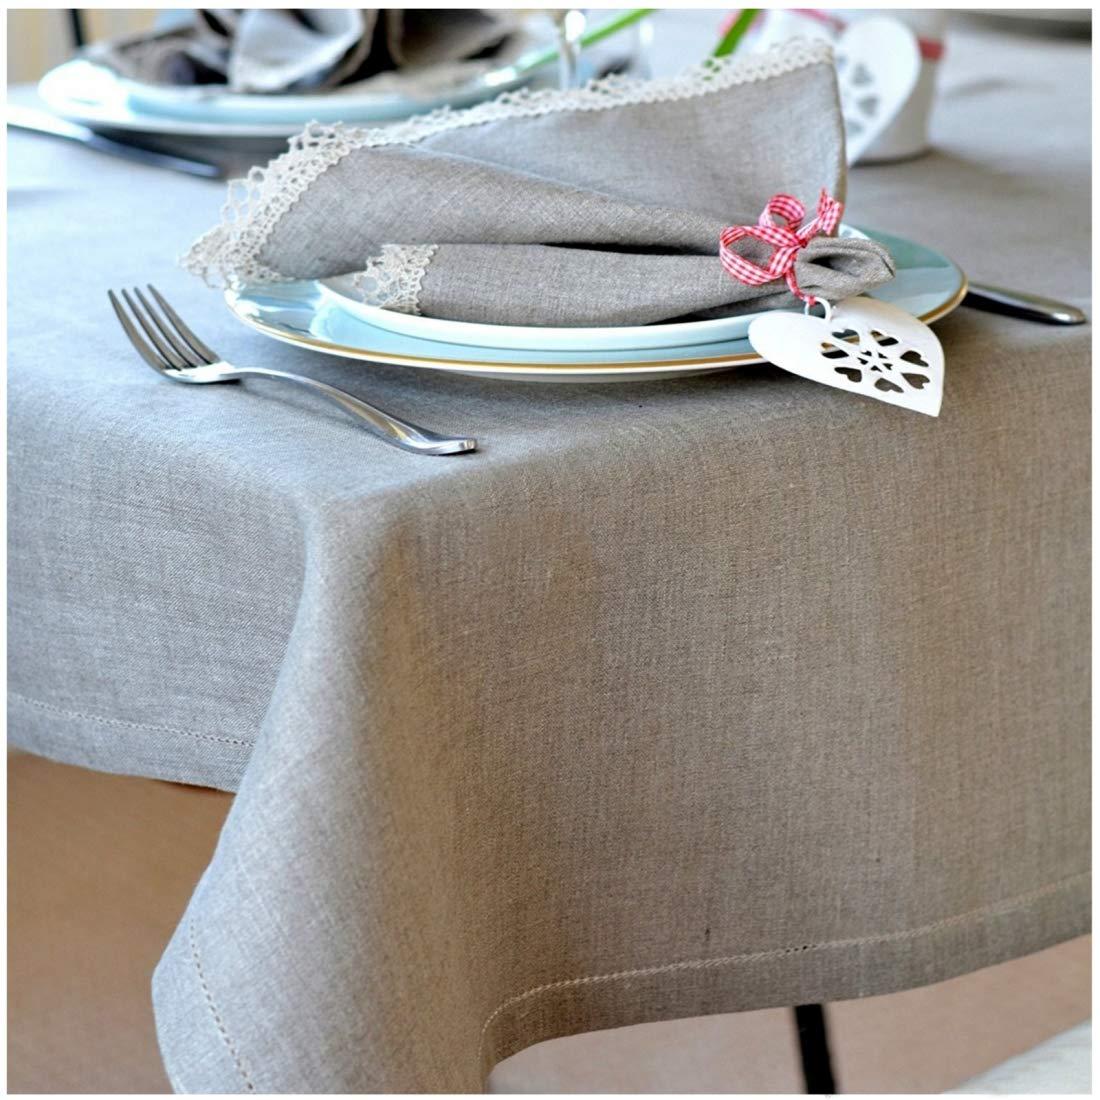 Linen & Cotton Luxus Tischdecke mit Hohlsaum Florence - 100% Leinen (143 x 300 cm), Beige Natur